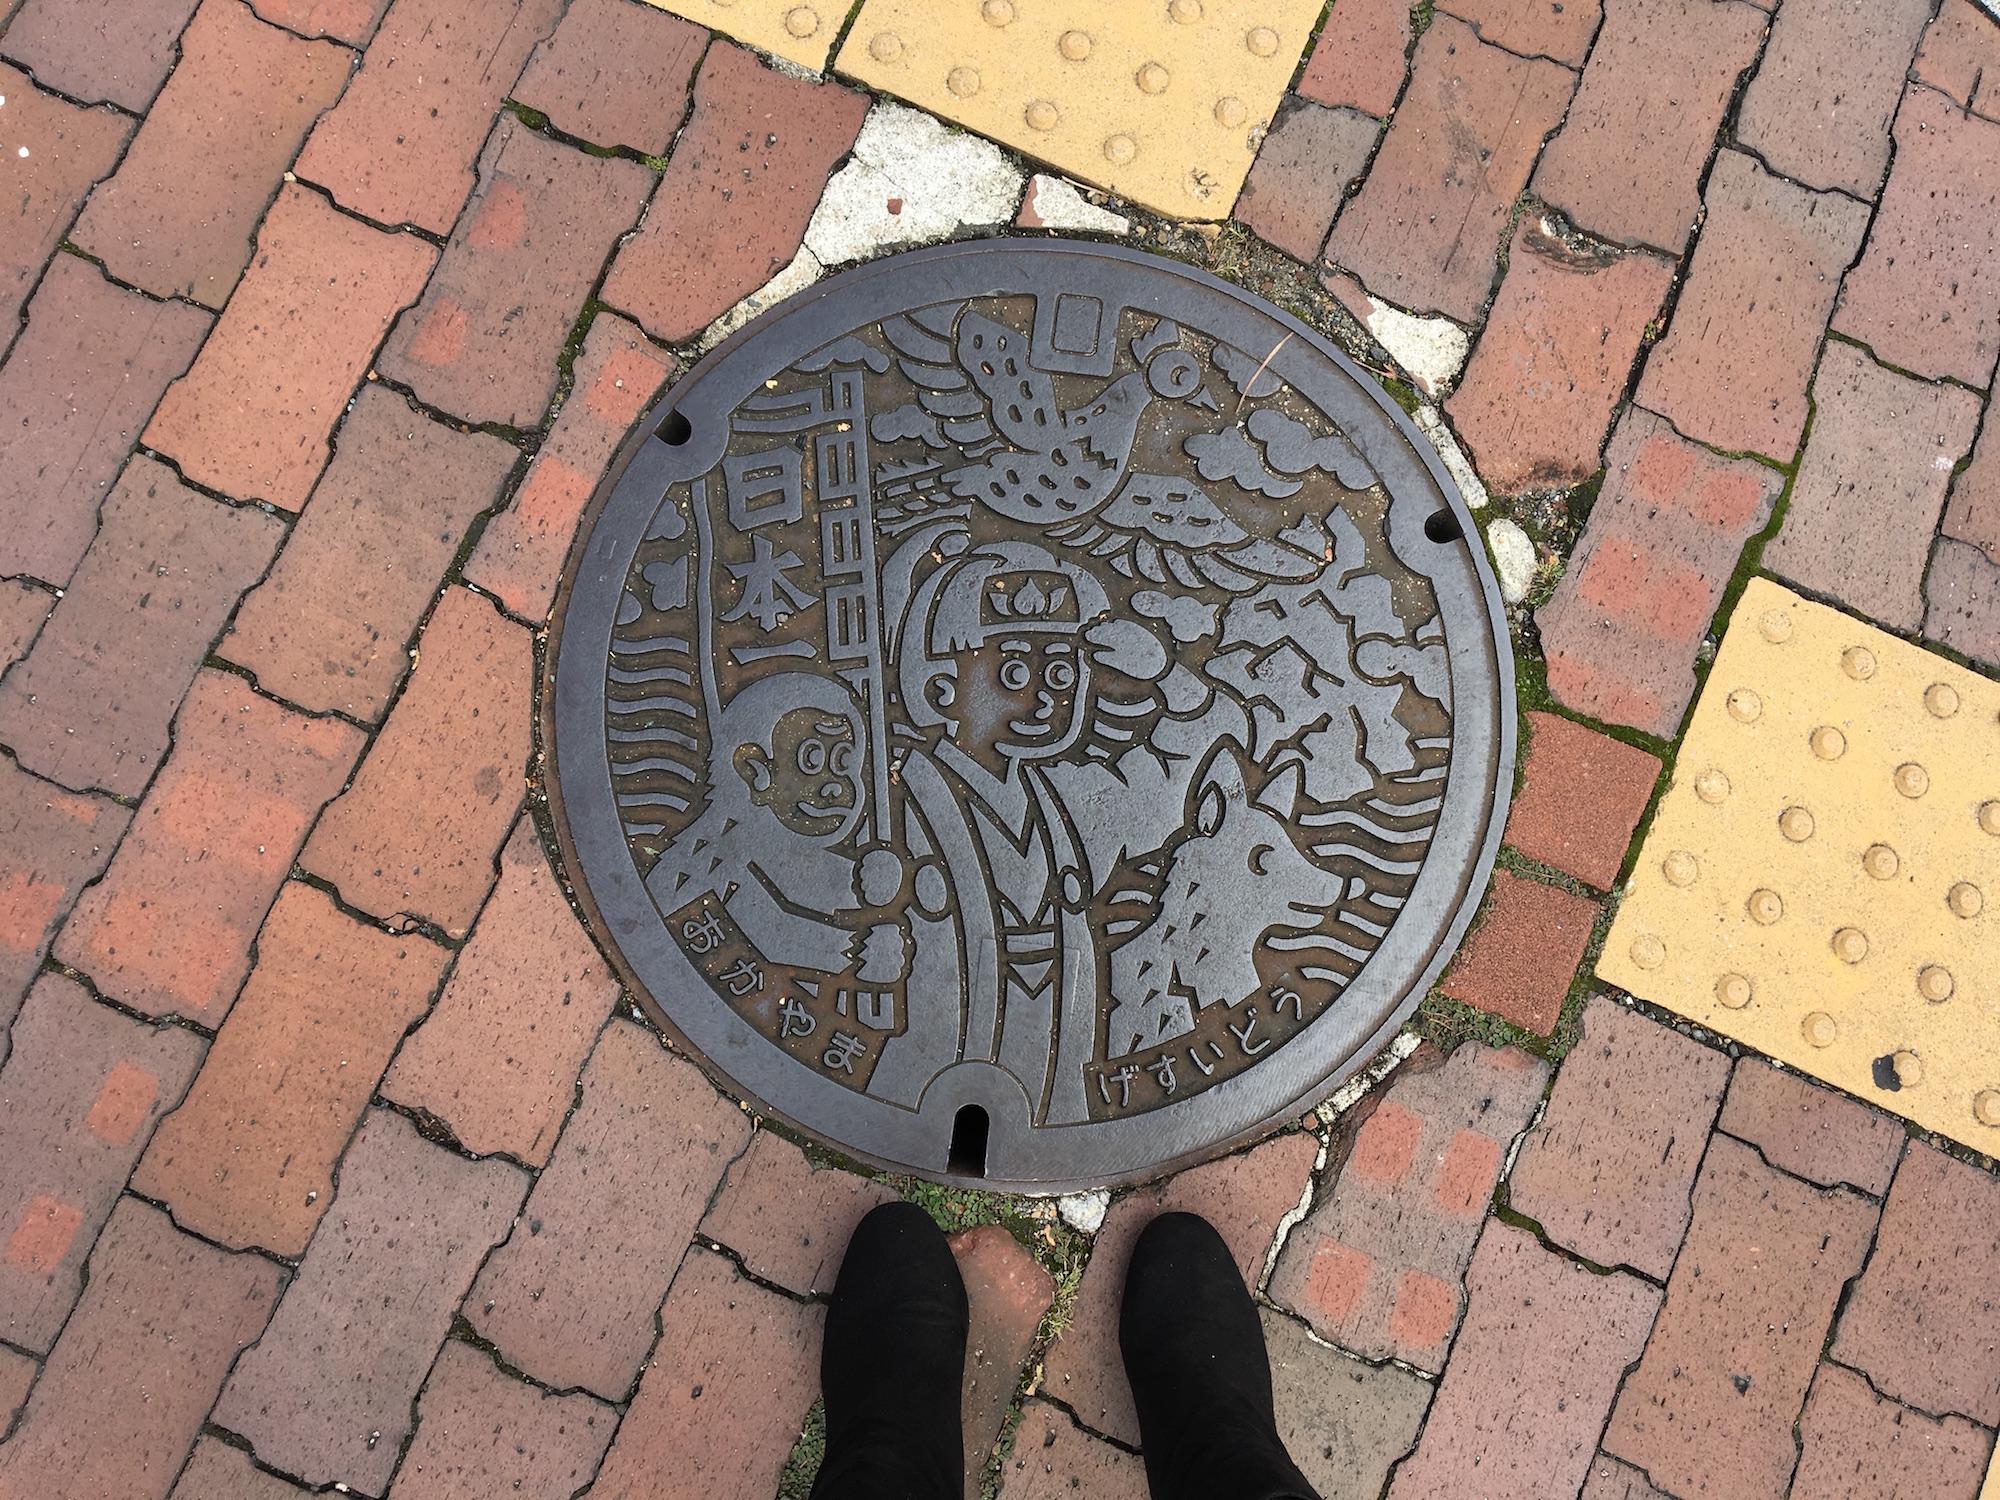 桃太郎のマンホールが街中に。このようなスポットを見つけるのも街歩きの醍醐味の一つ